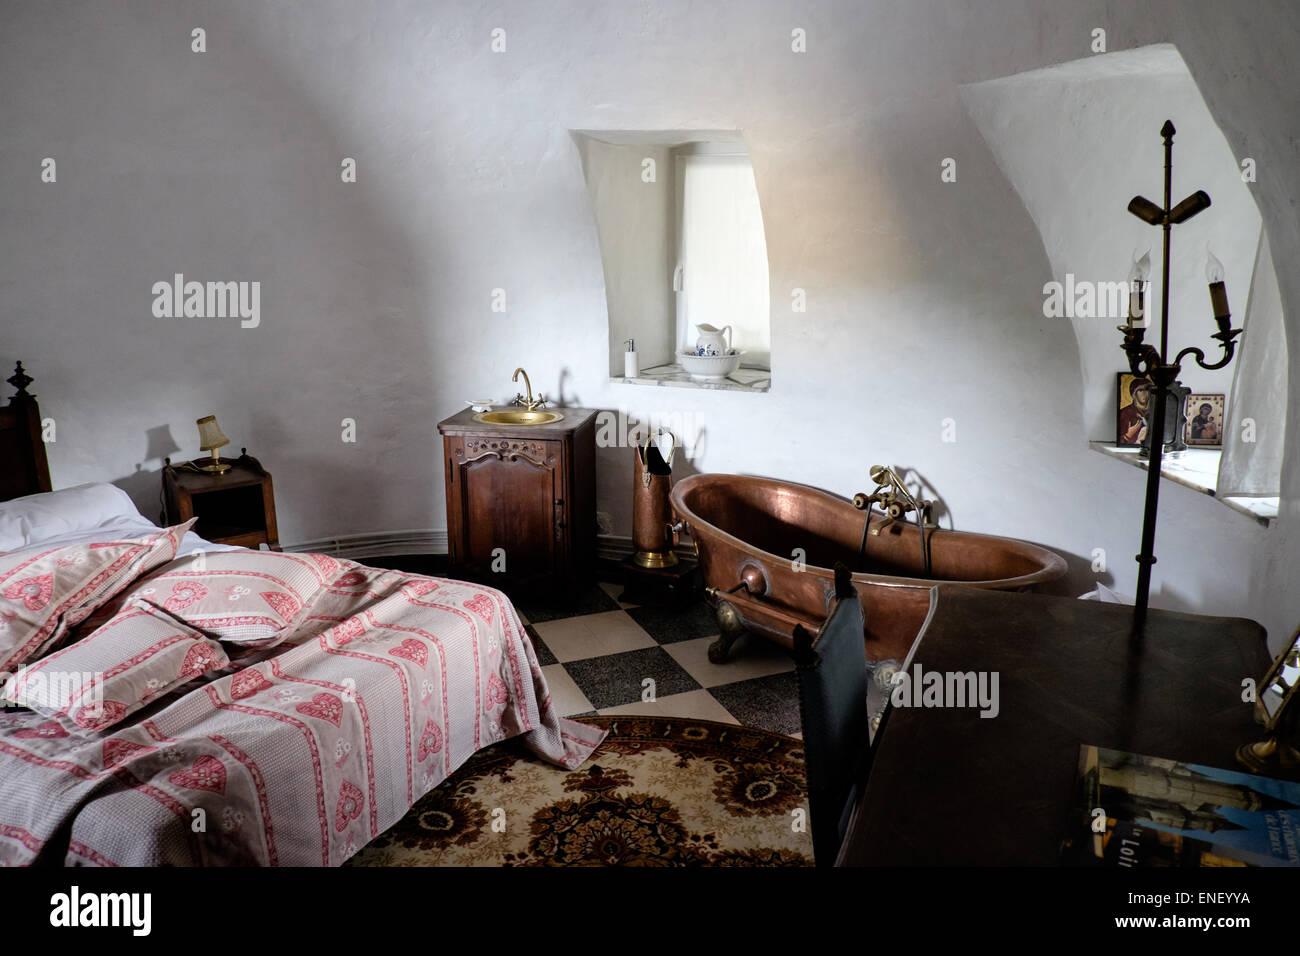 Vasca Da Bagno Francia : Il rame vasca da bagno in antico francese chateau appartamento foto